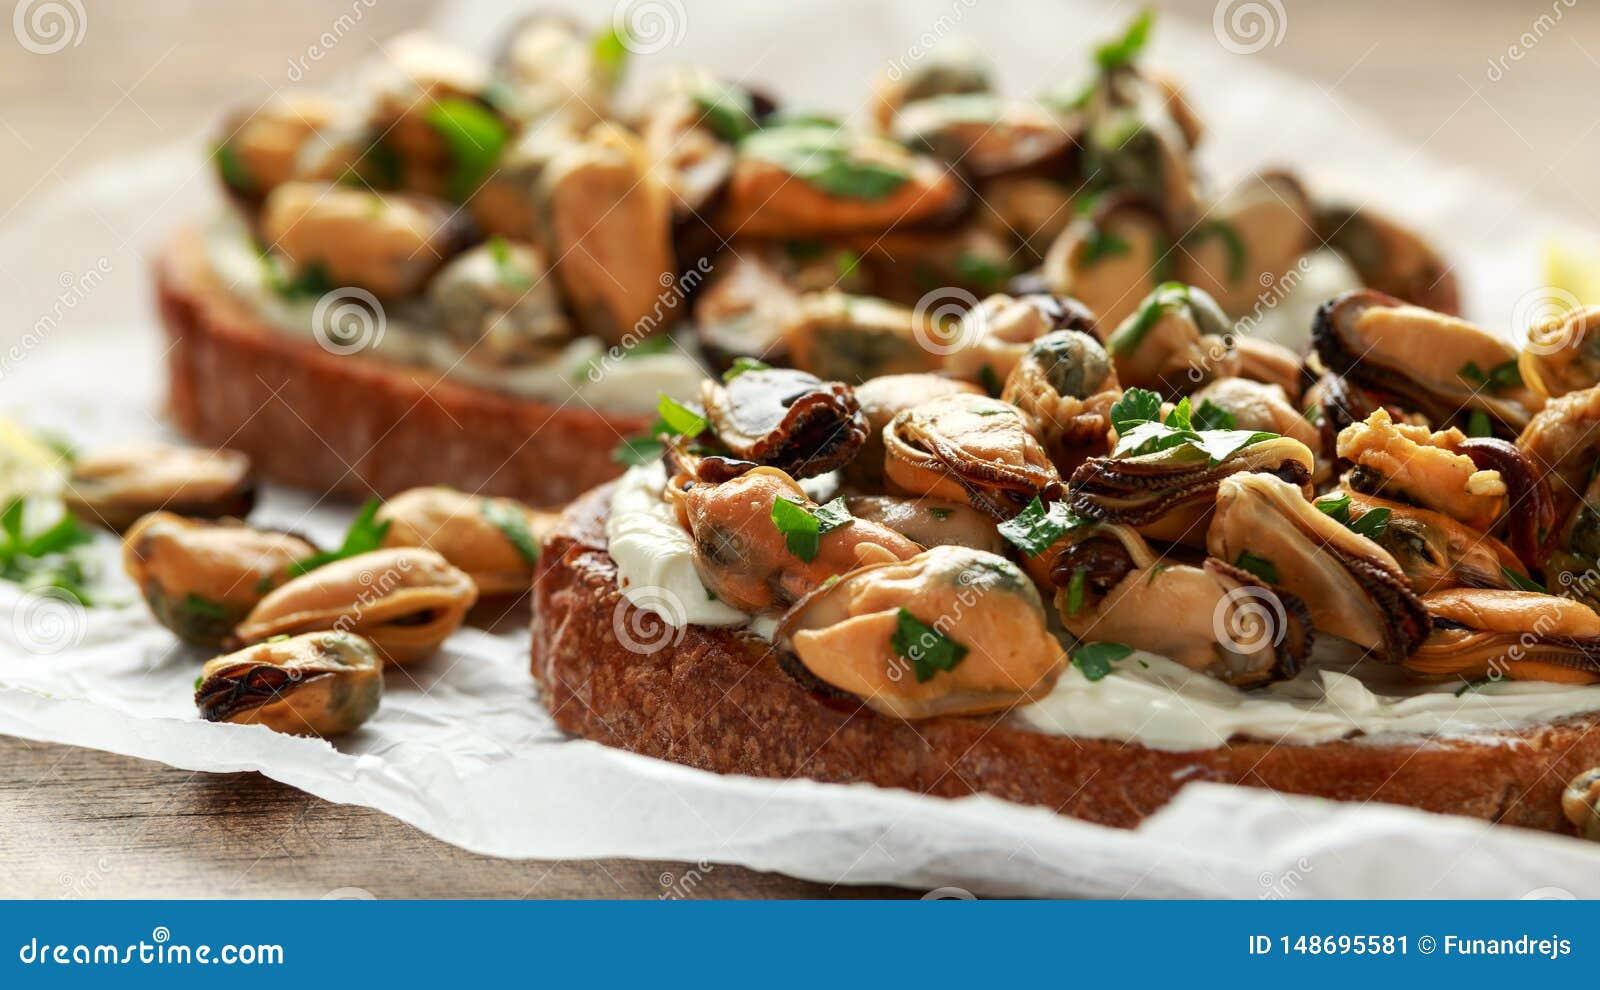 Moules faites maison sur la bruschette grill?e, le pain grill? avec le fromage ? p?te molle et les herbes